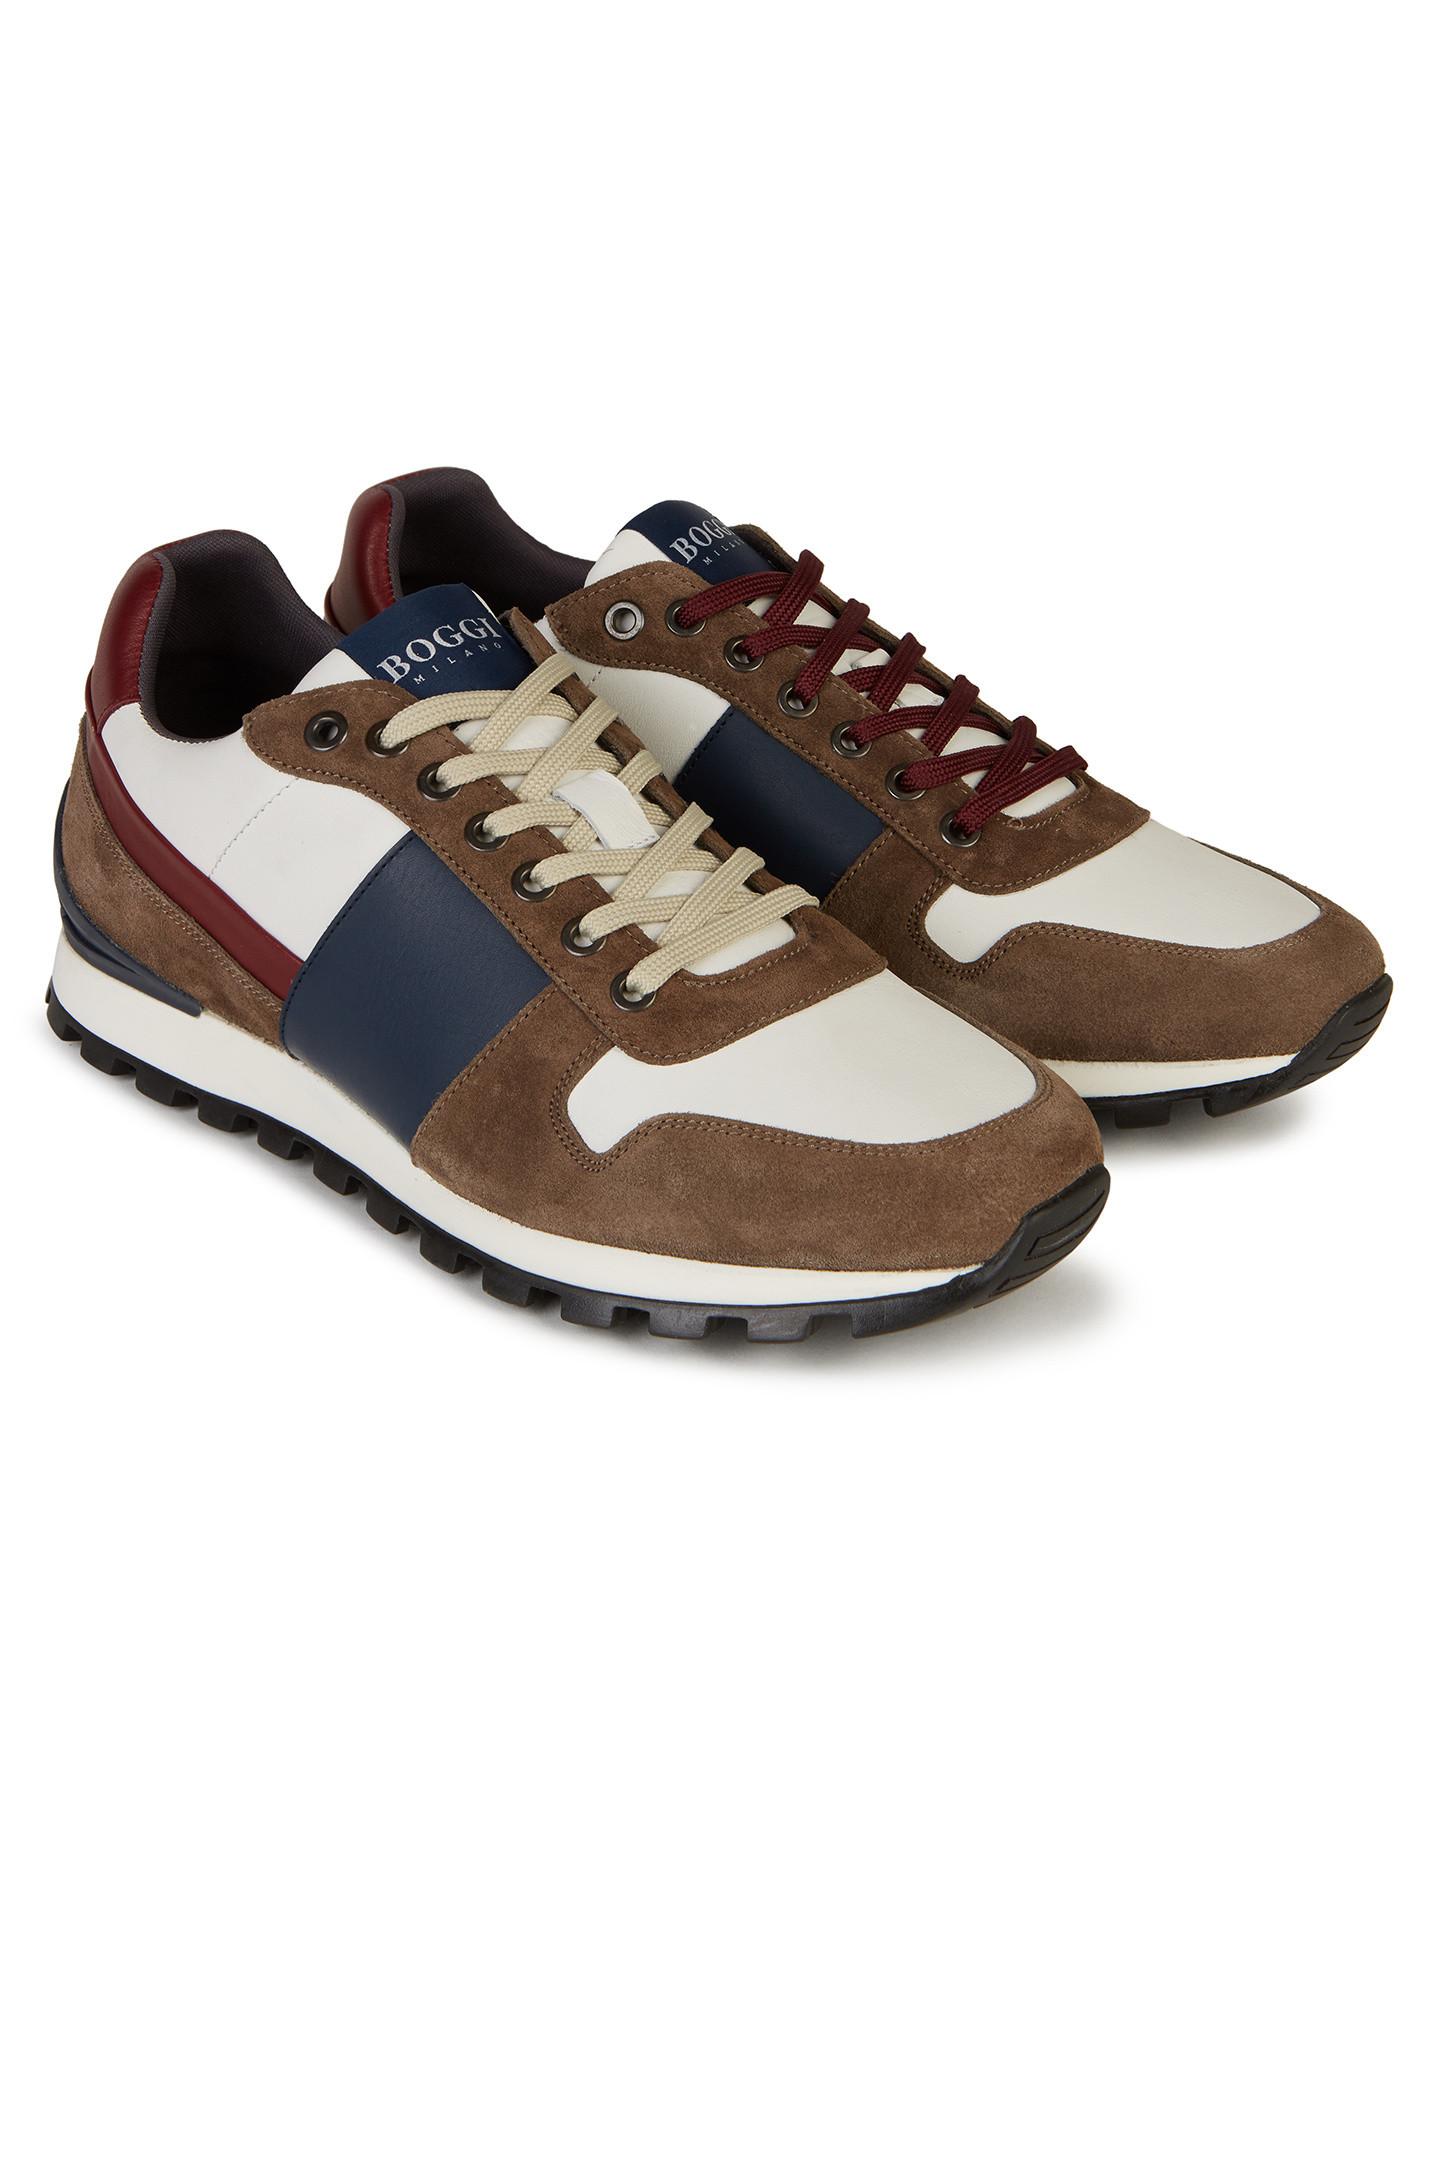 Sneaker Materiale Boggi E Colore Bi Running rq1war